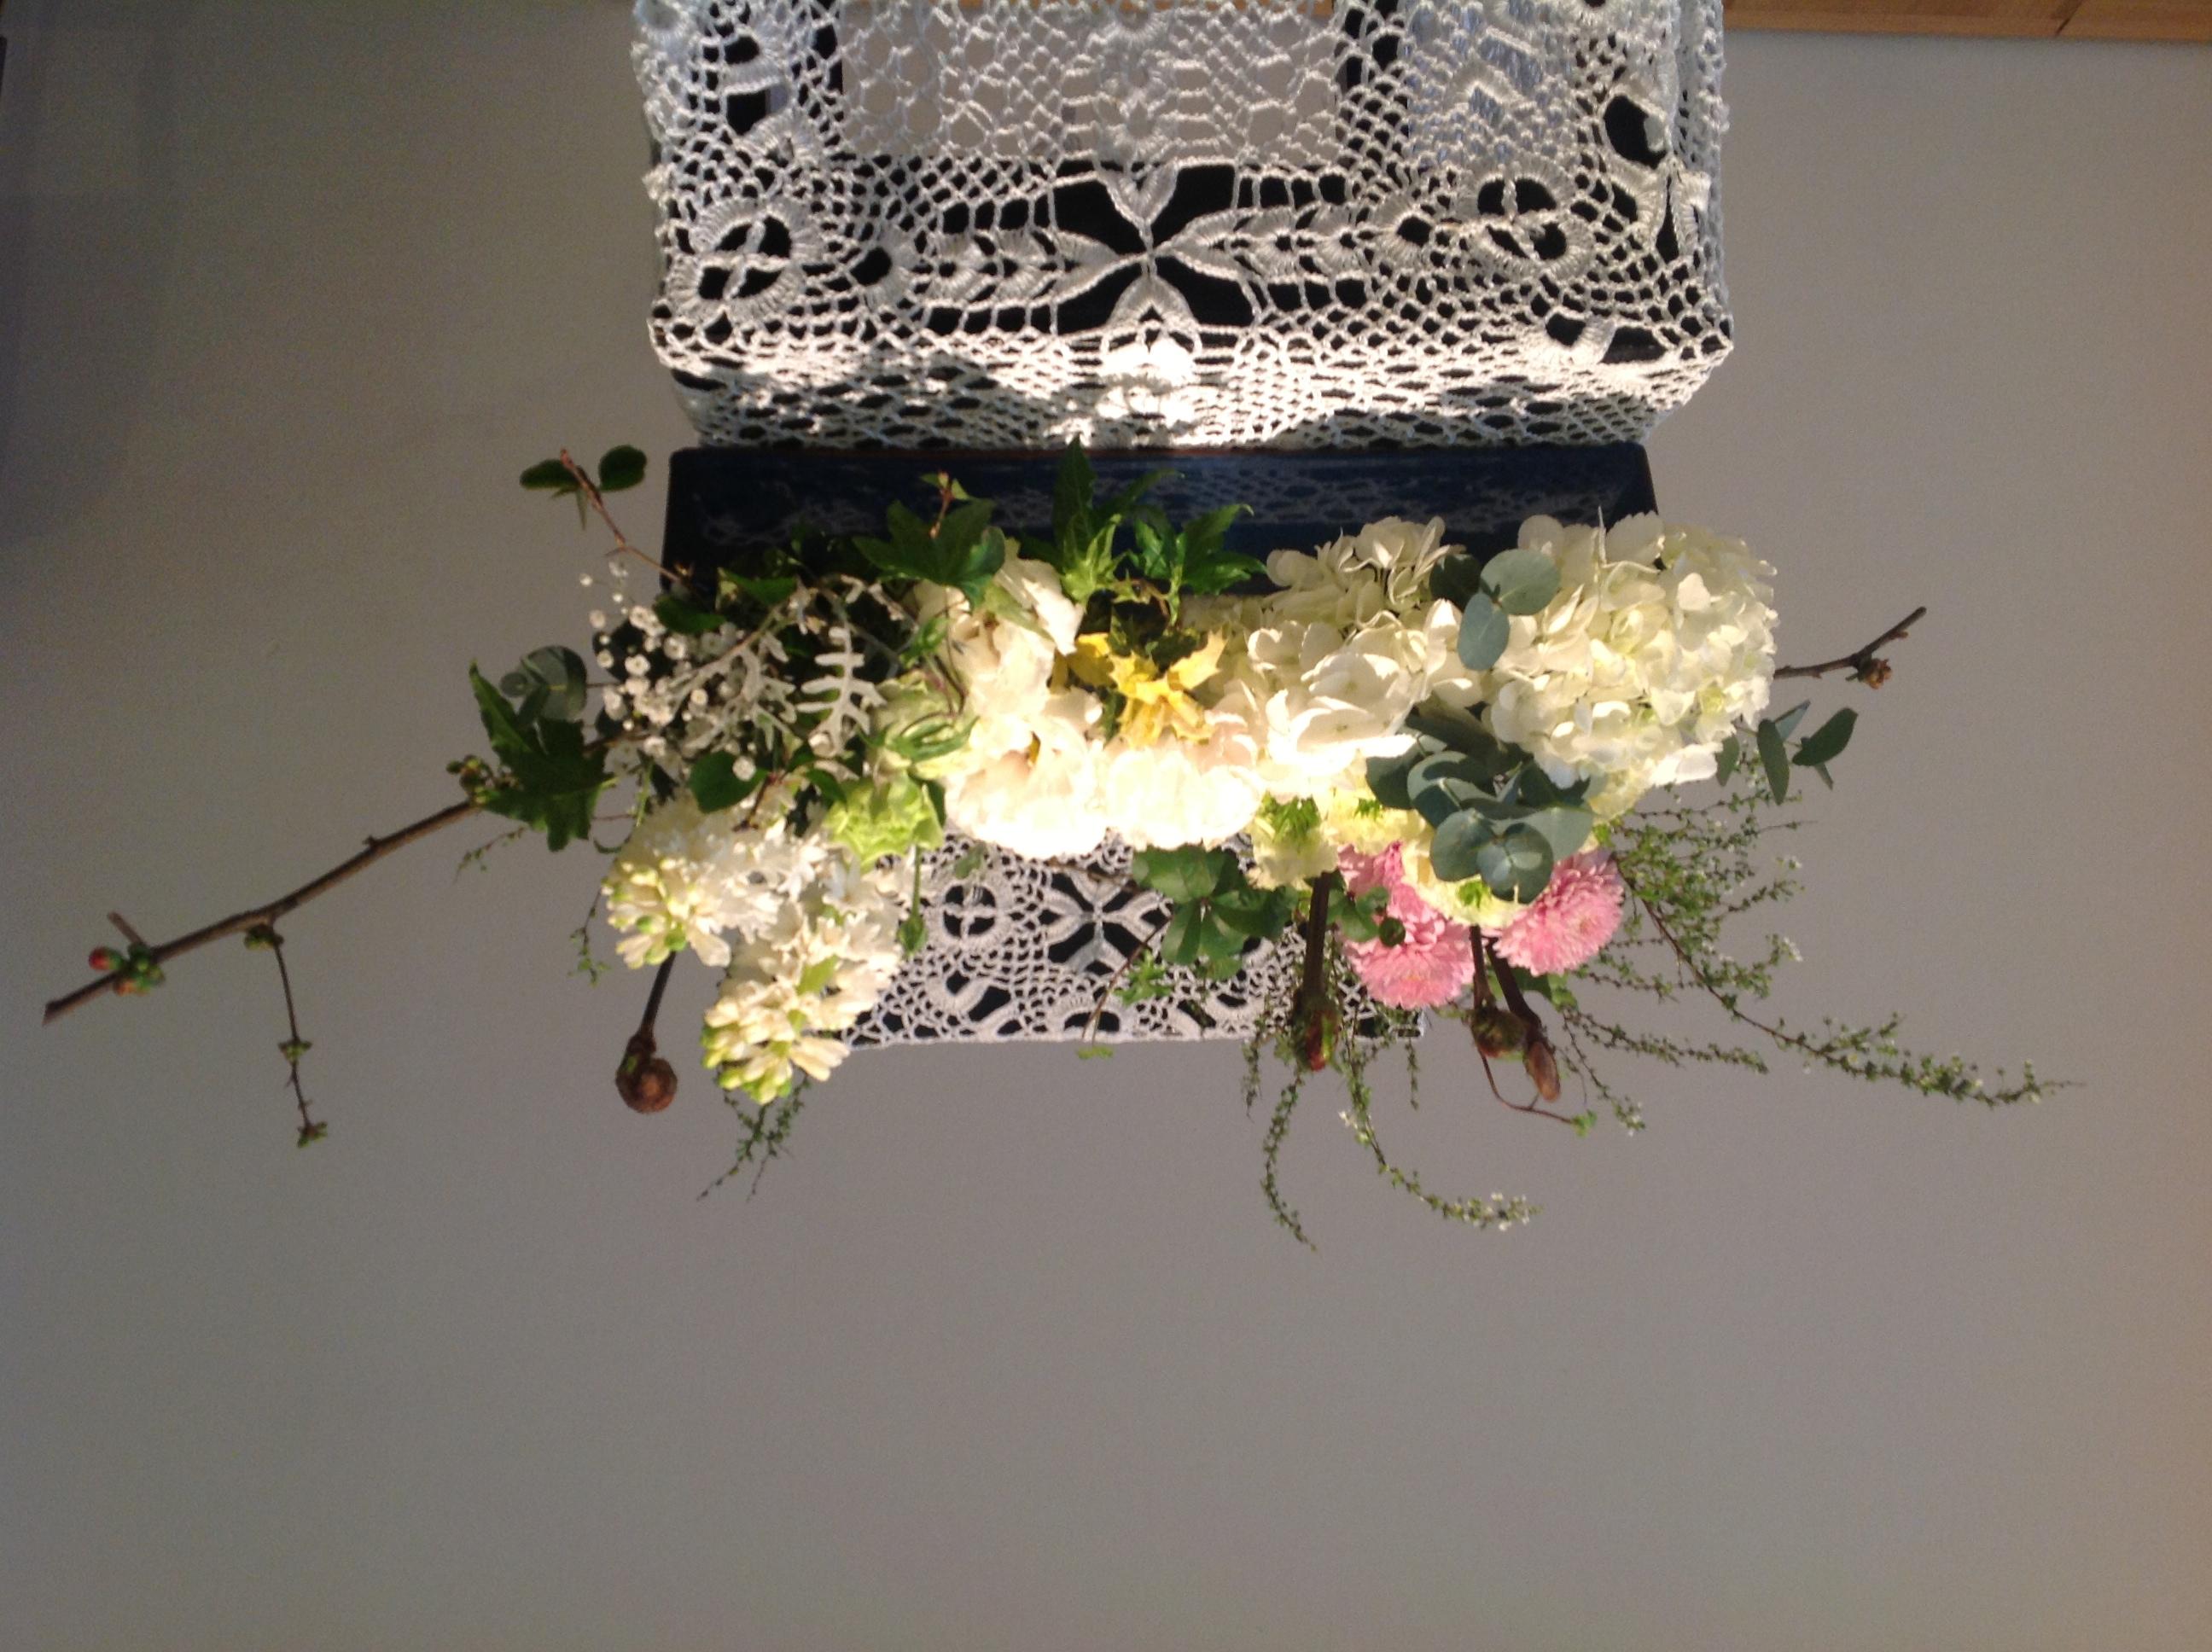 2013/2/10、聖日礼拝のお花